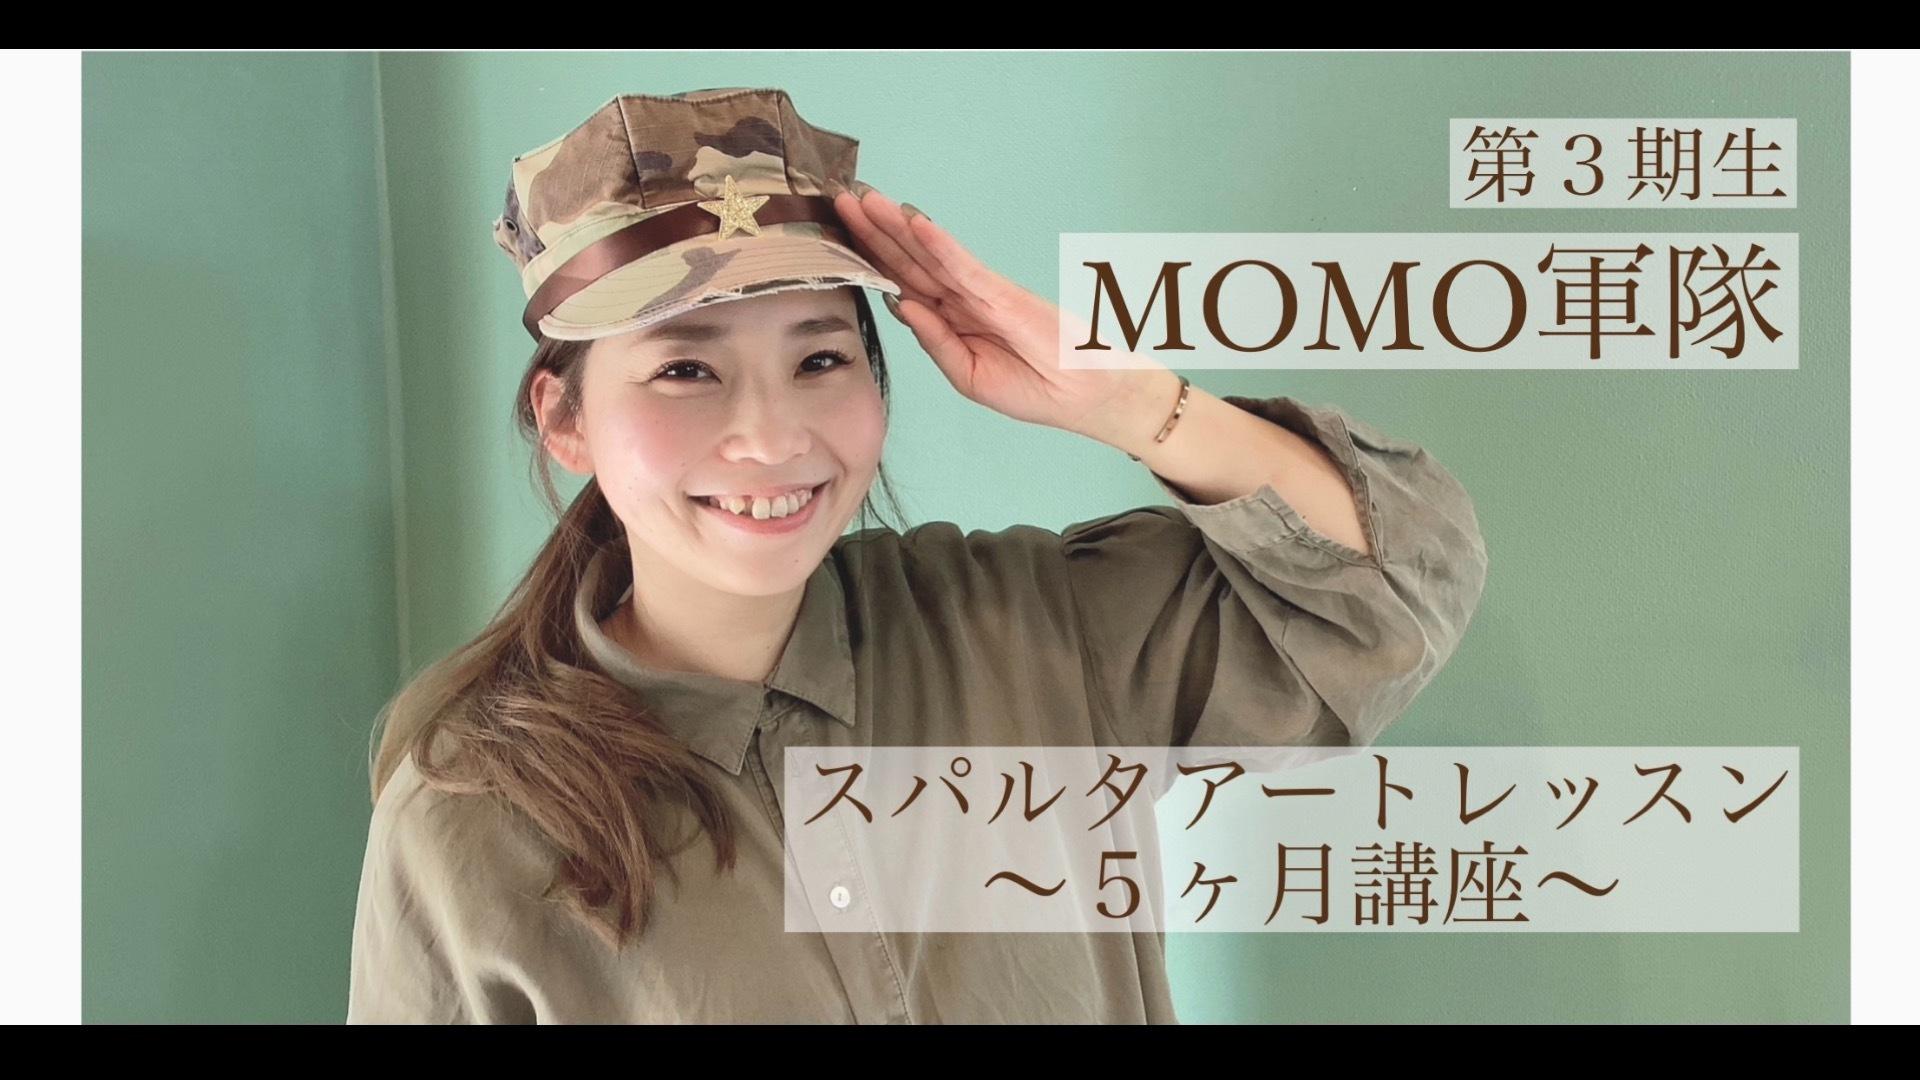 【第3期】MOMO軍隊〜スパルタアートレッスン5ヶ月コース〜